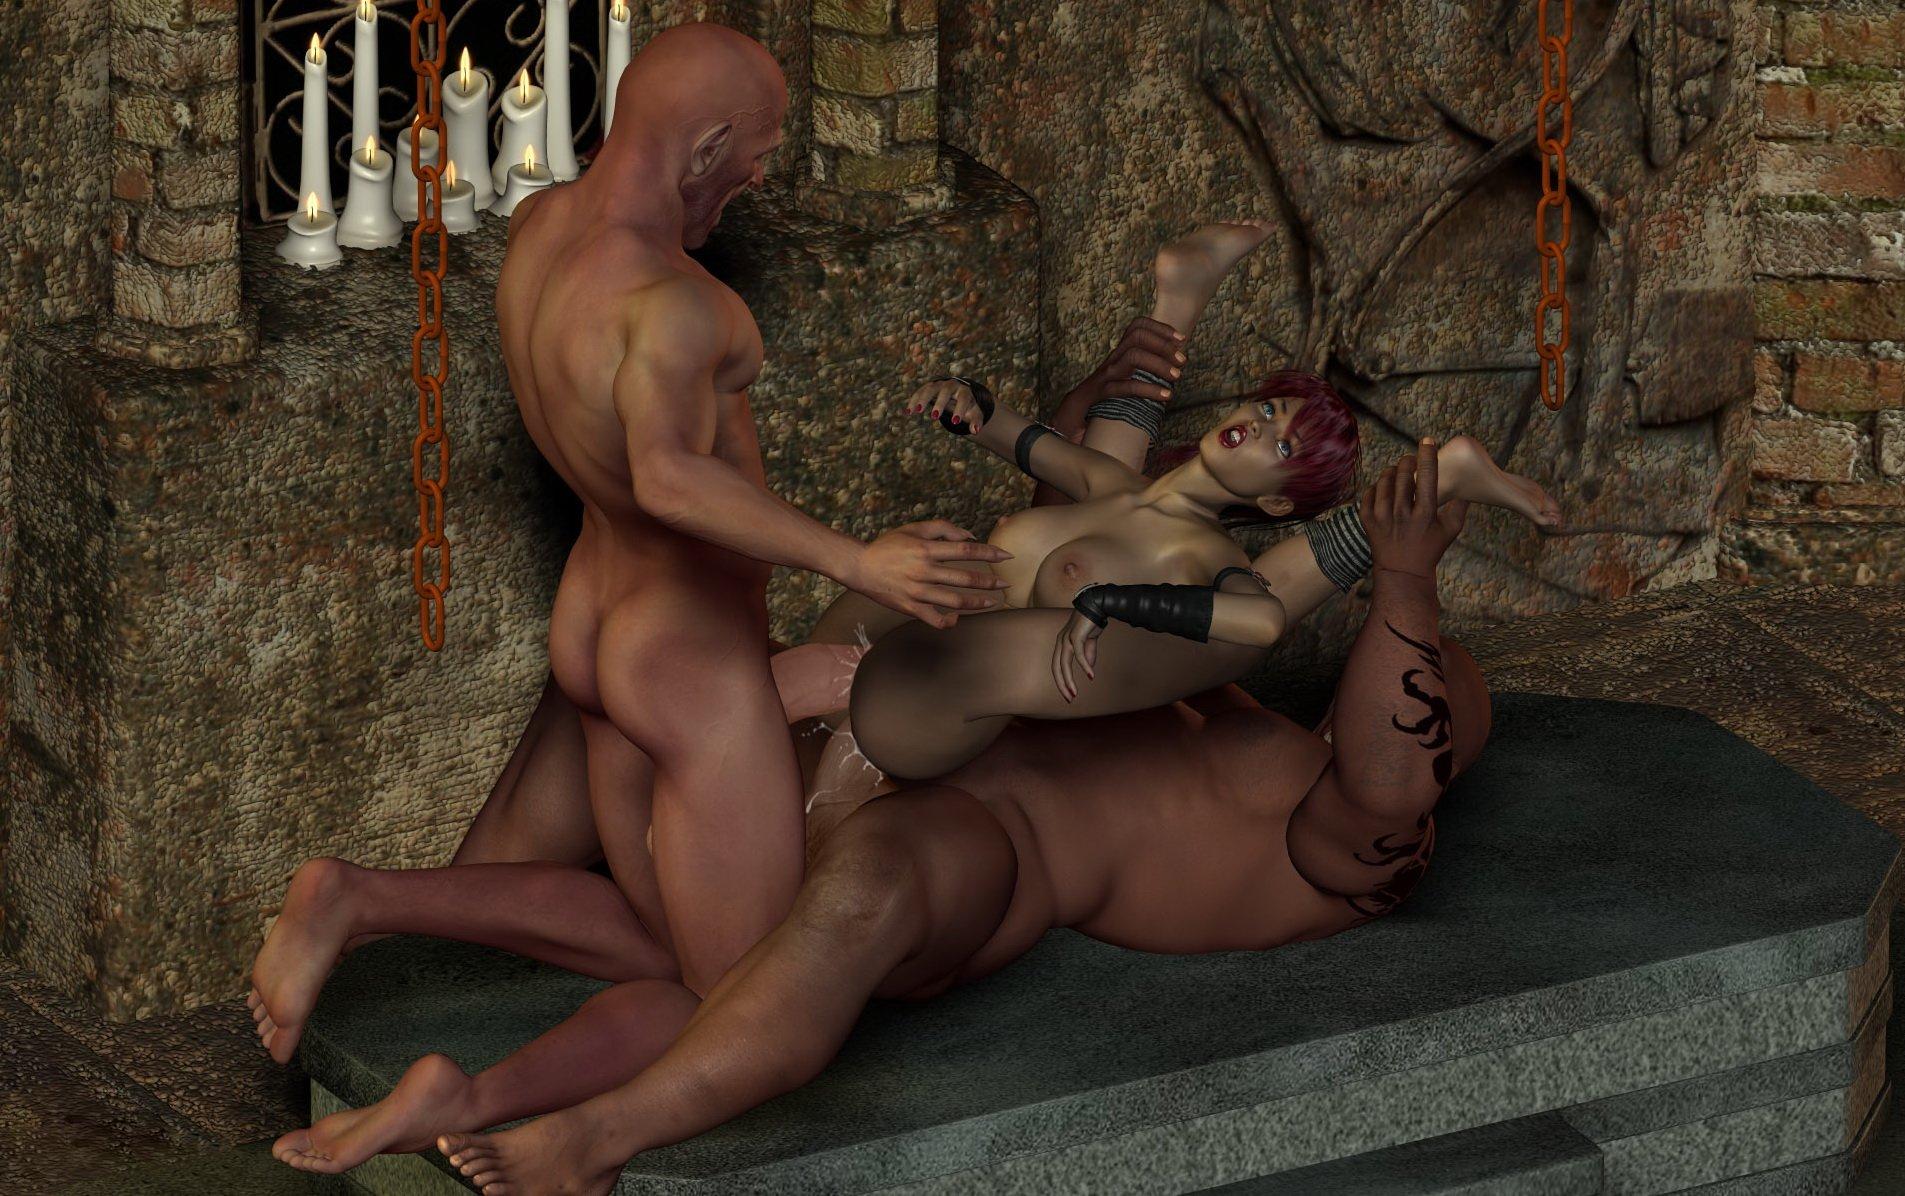 порно мульт секс с монстрами